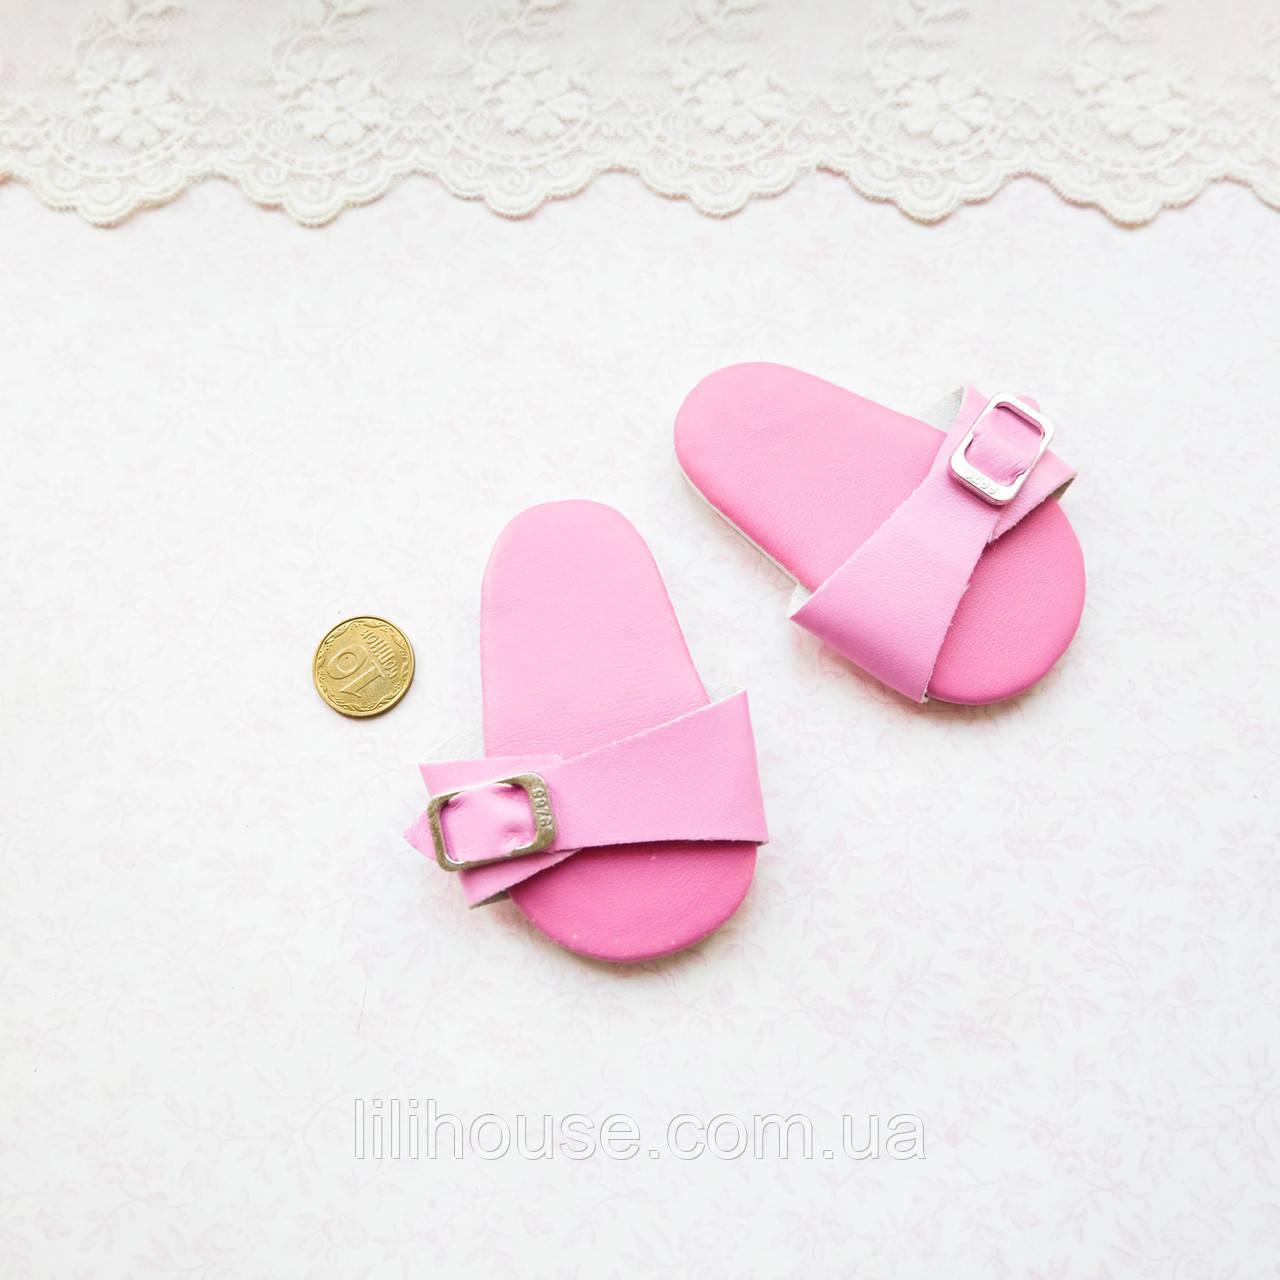 Обувь для кукол Шлепки 7*3,5 см РОЗОВЫЕ